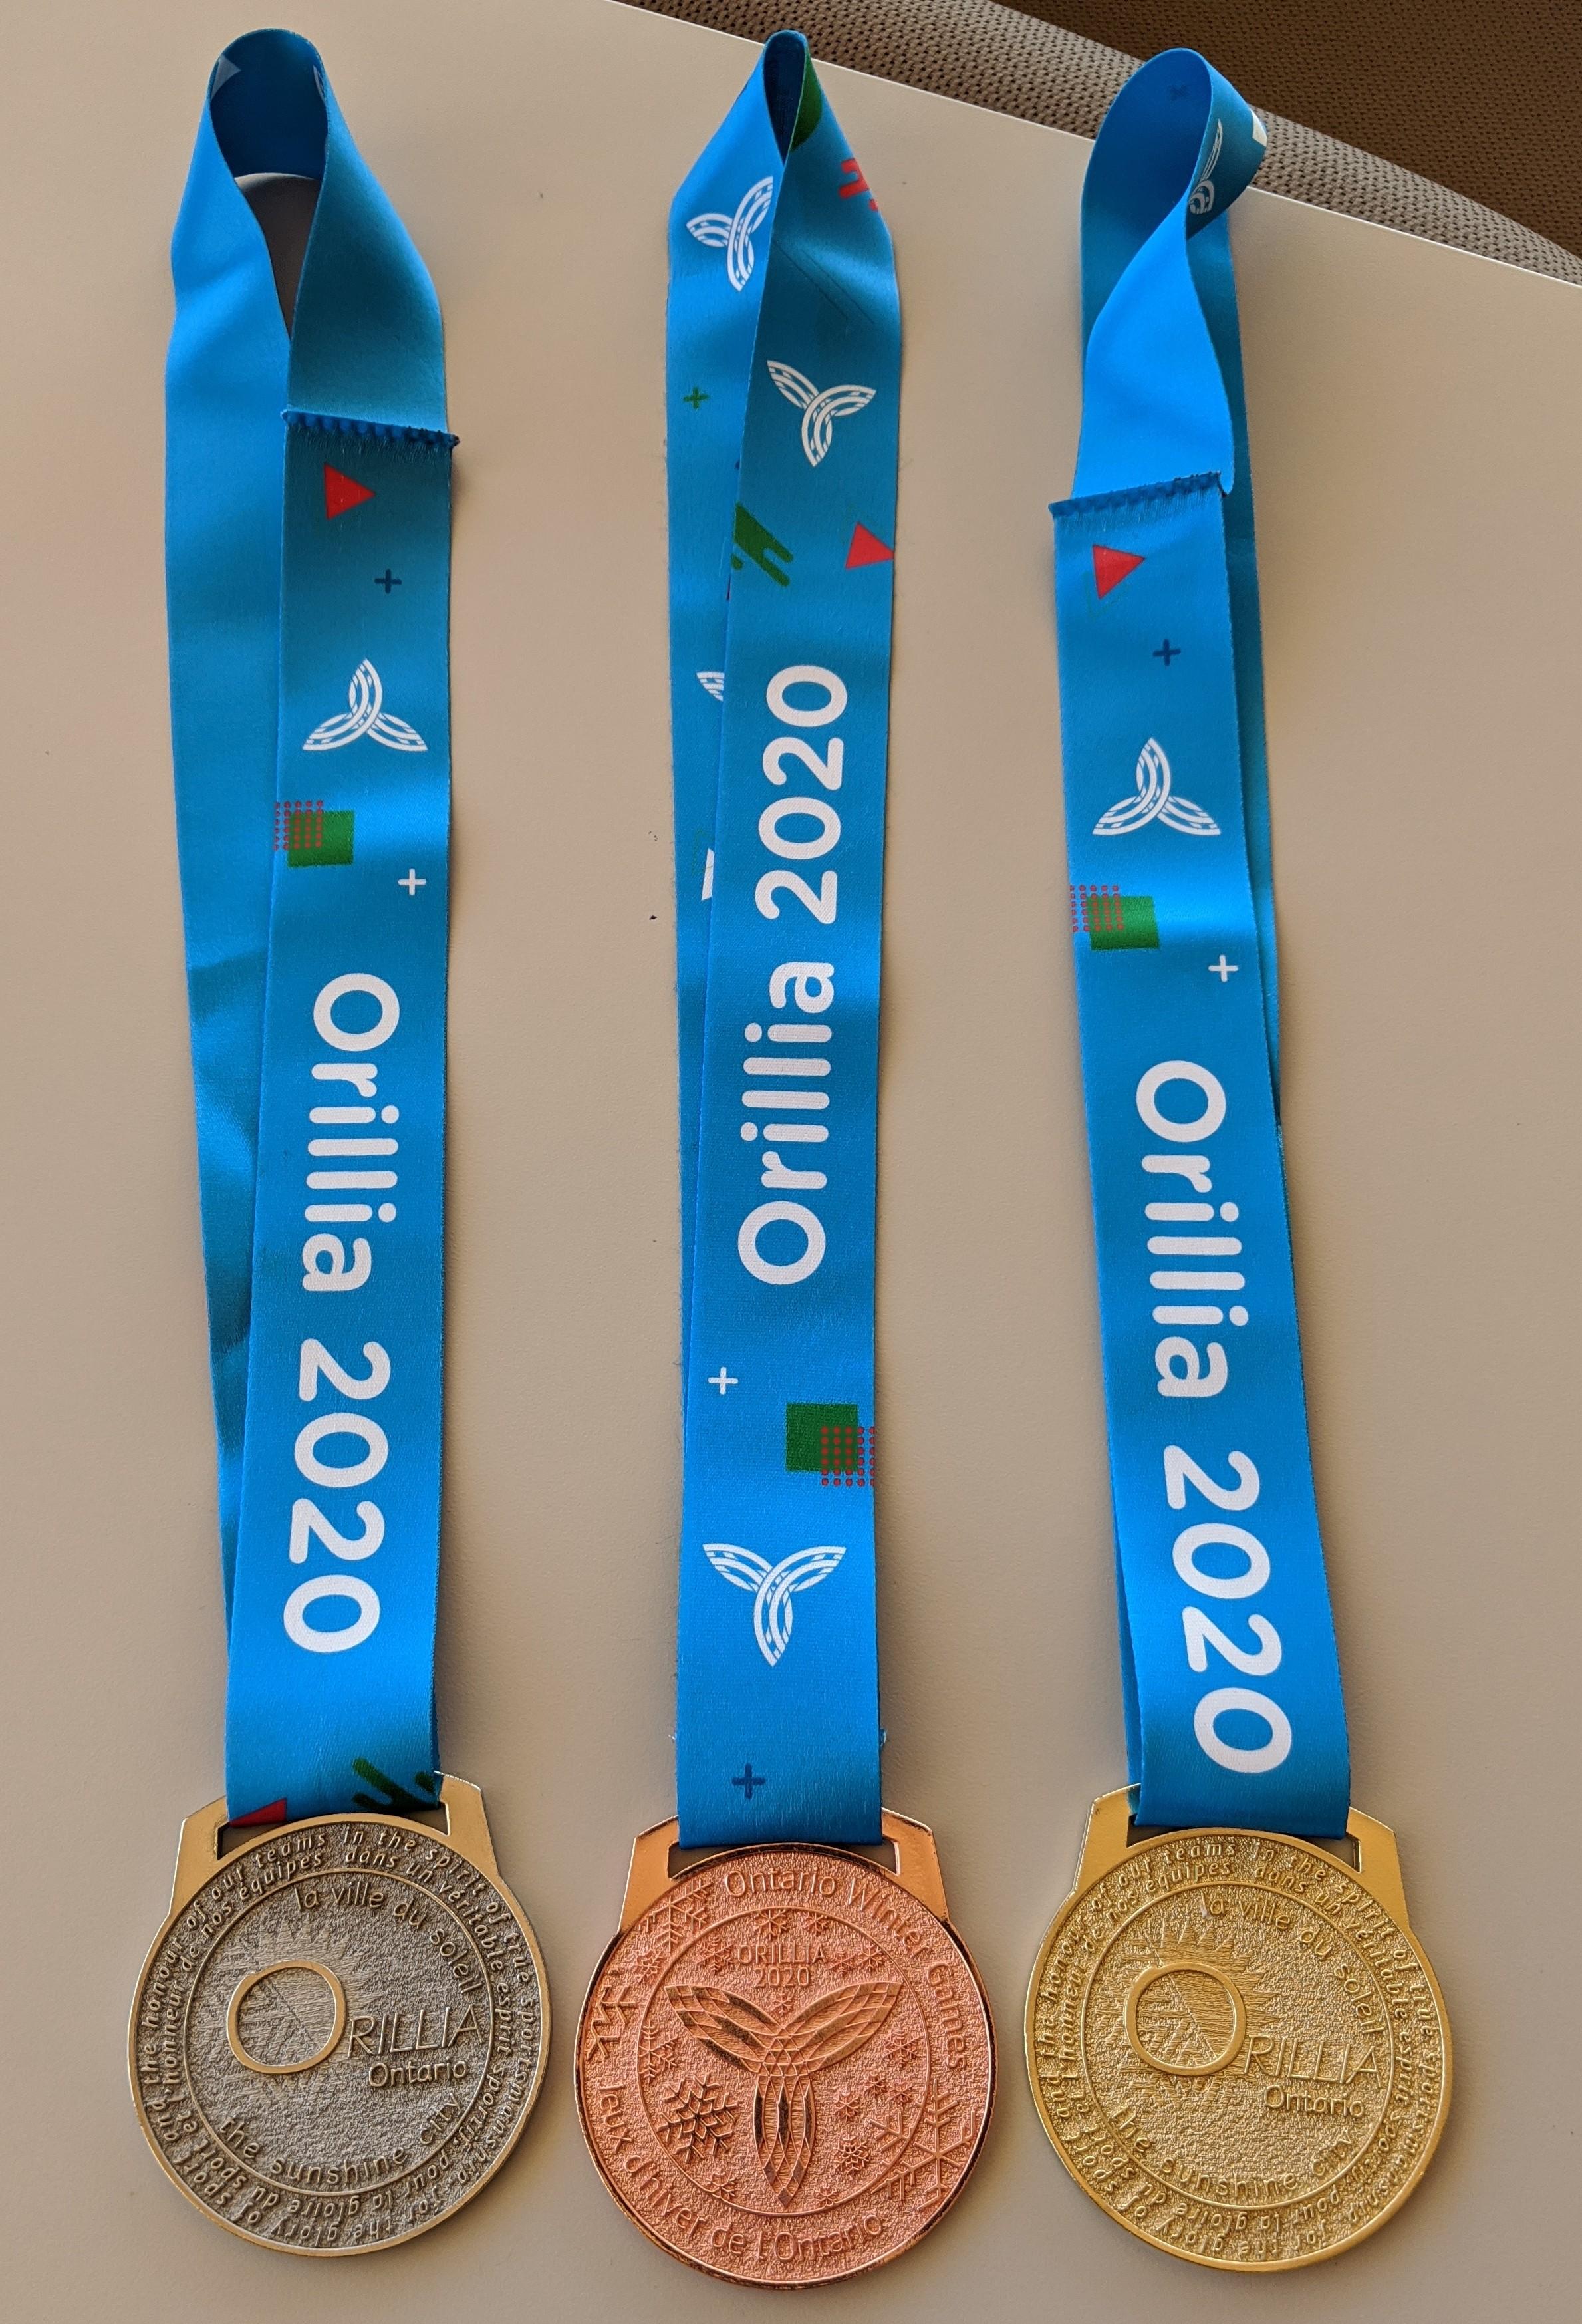 OWG 2020 medals